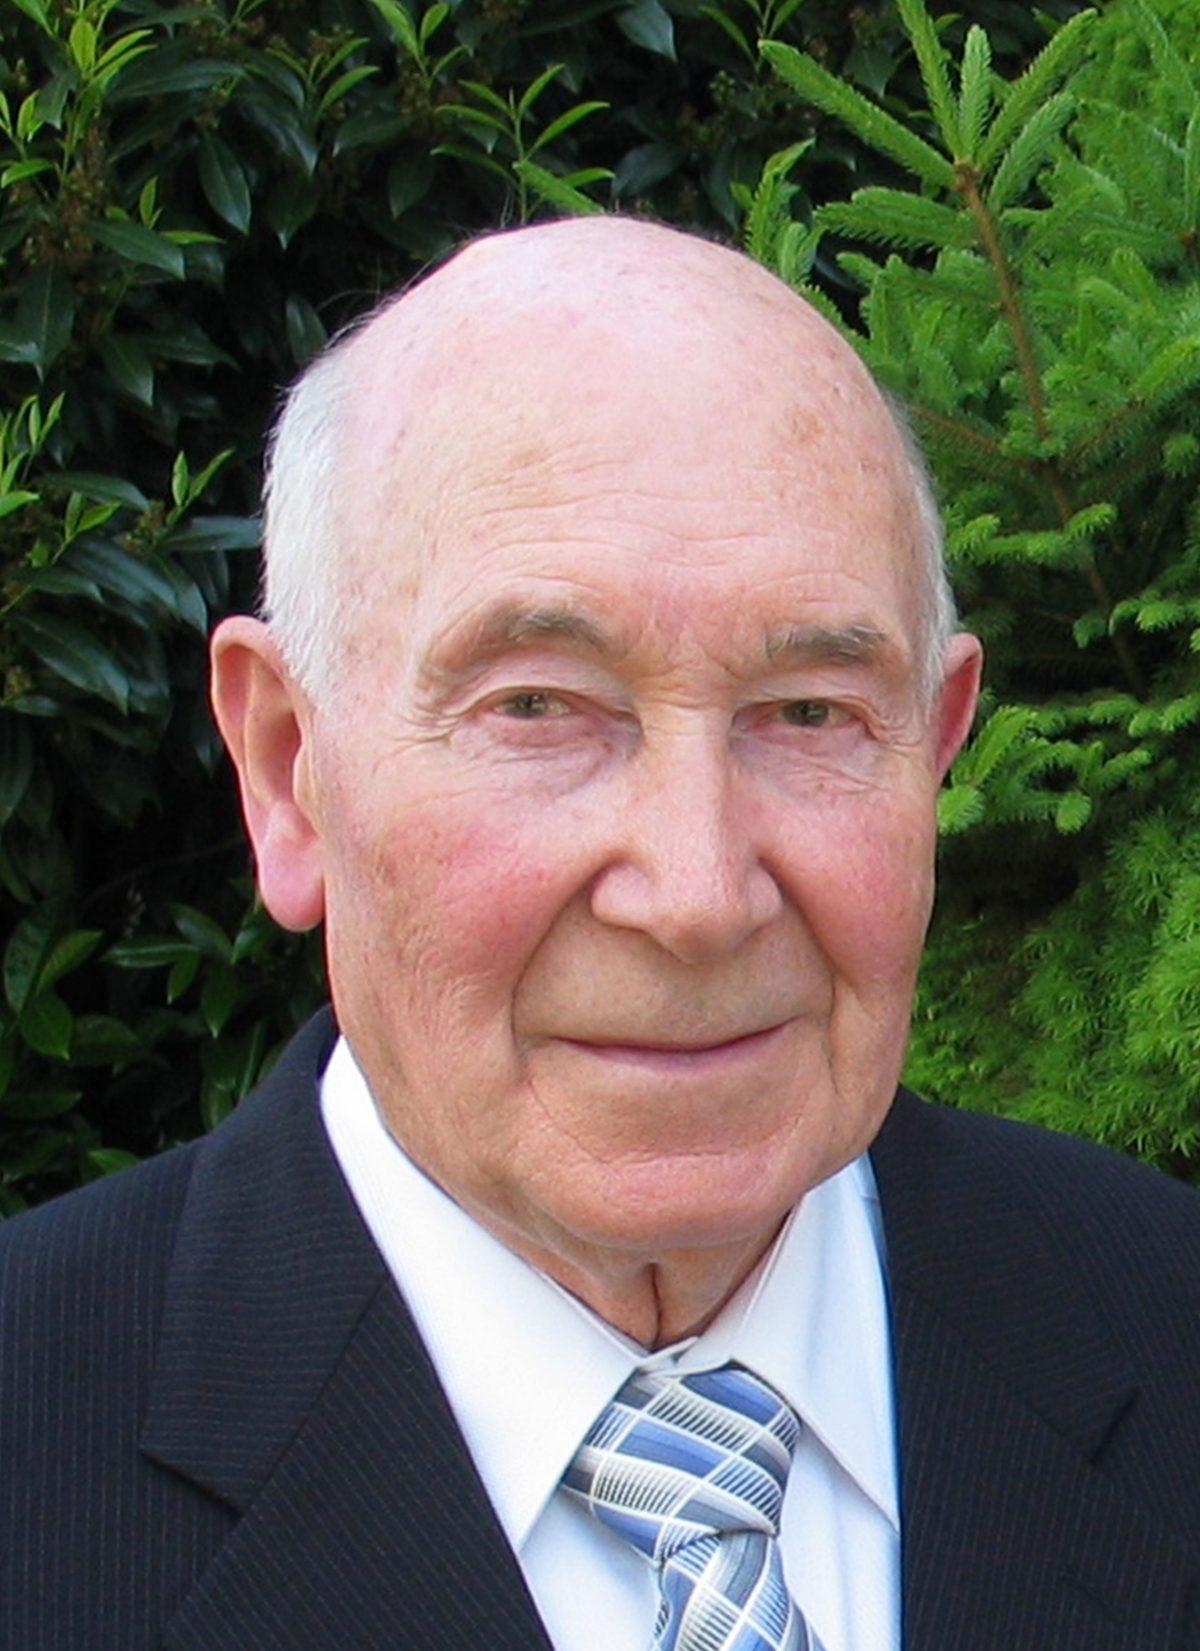 Pierre Nivelle